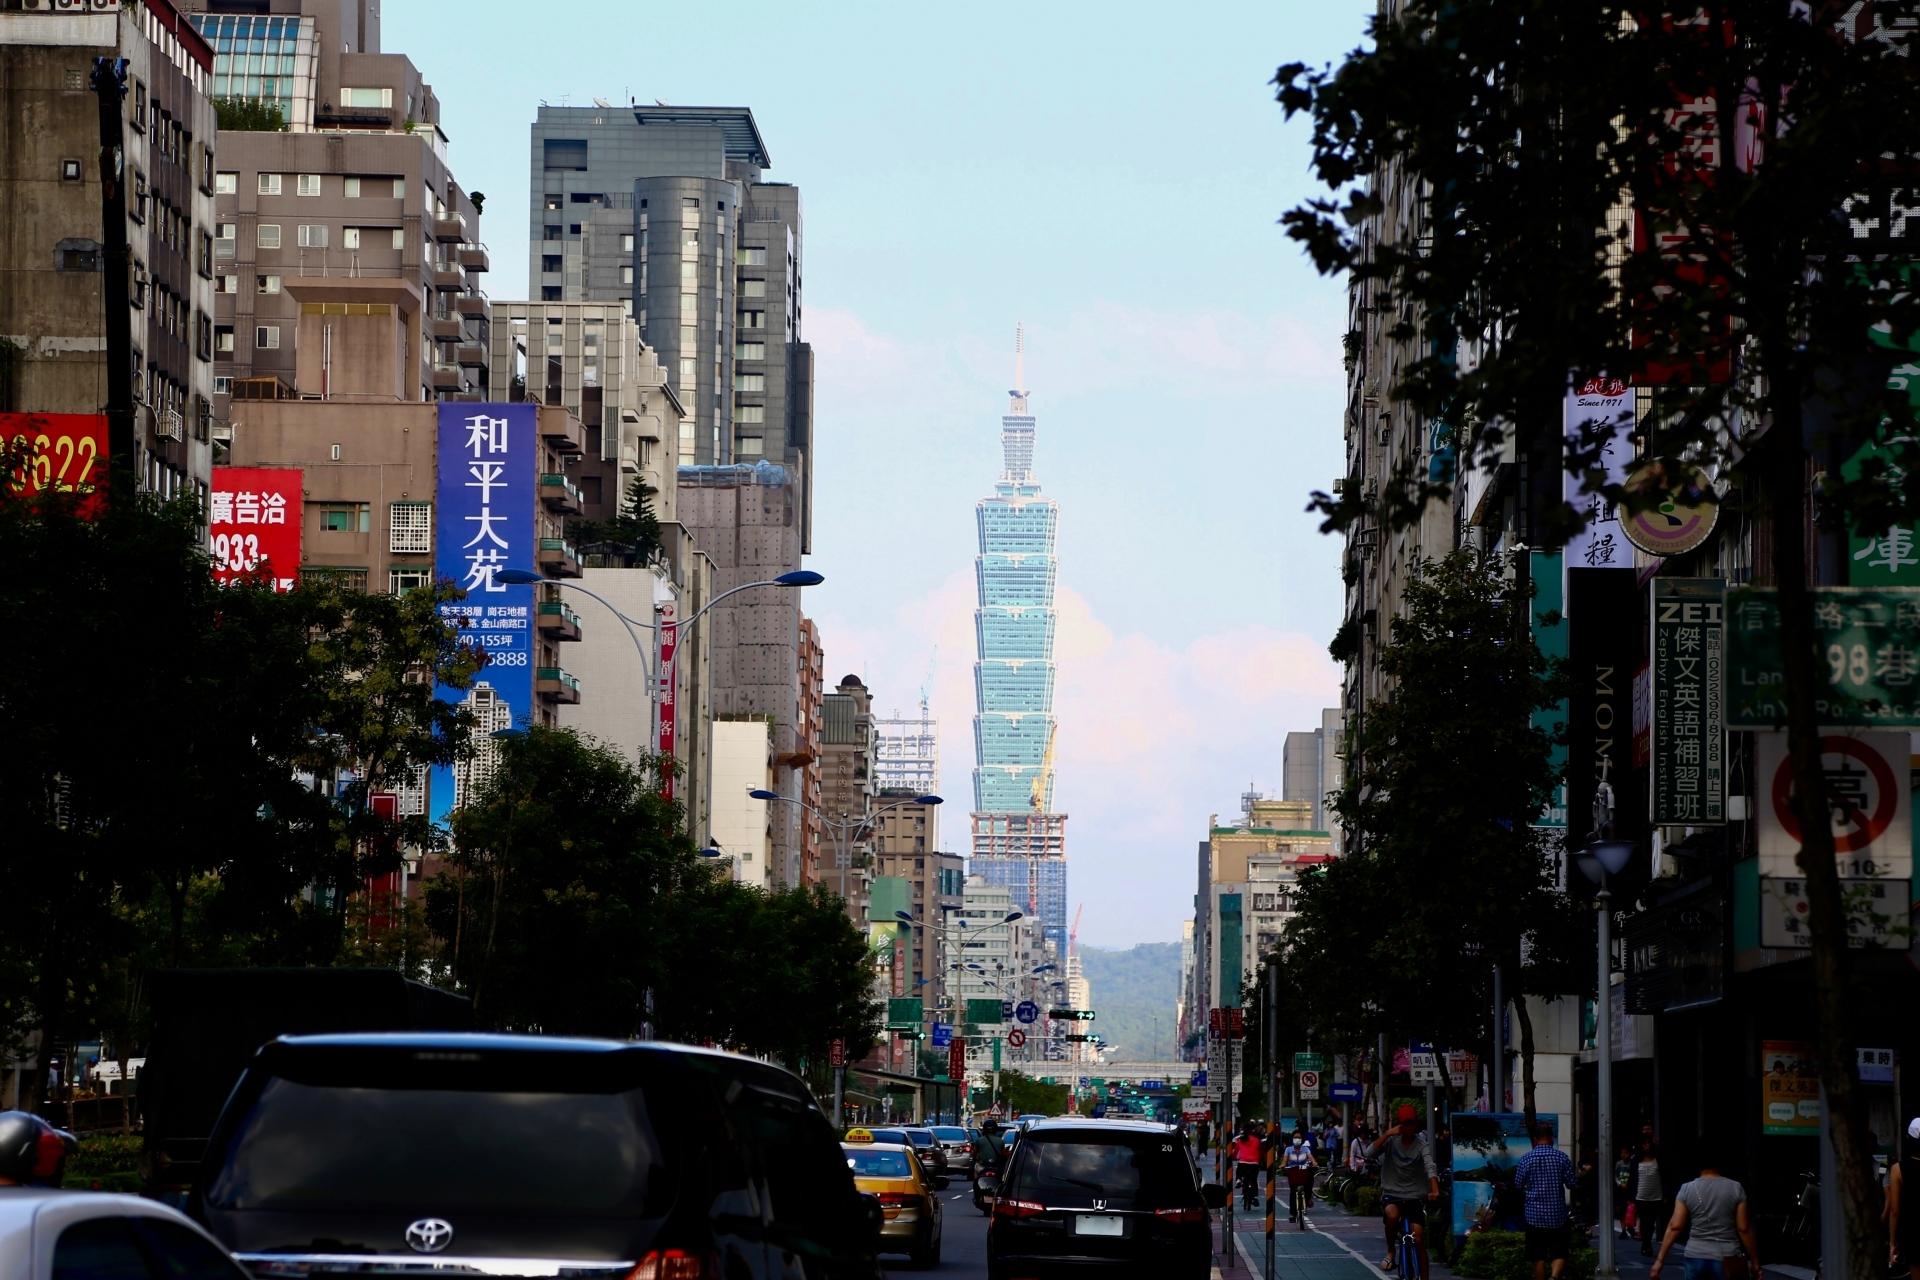 台北101が見える台北の街並み